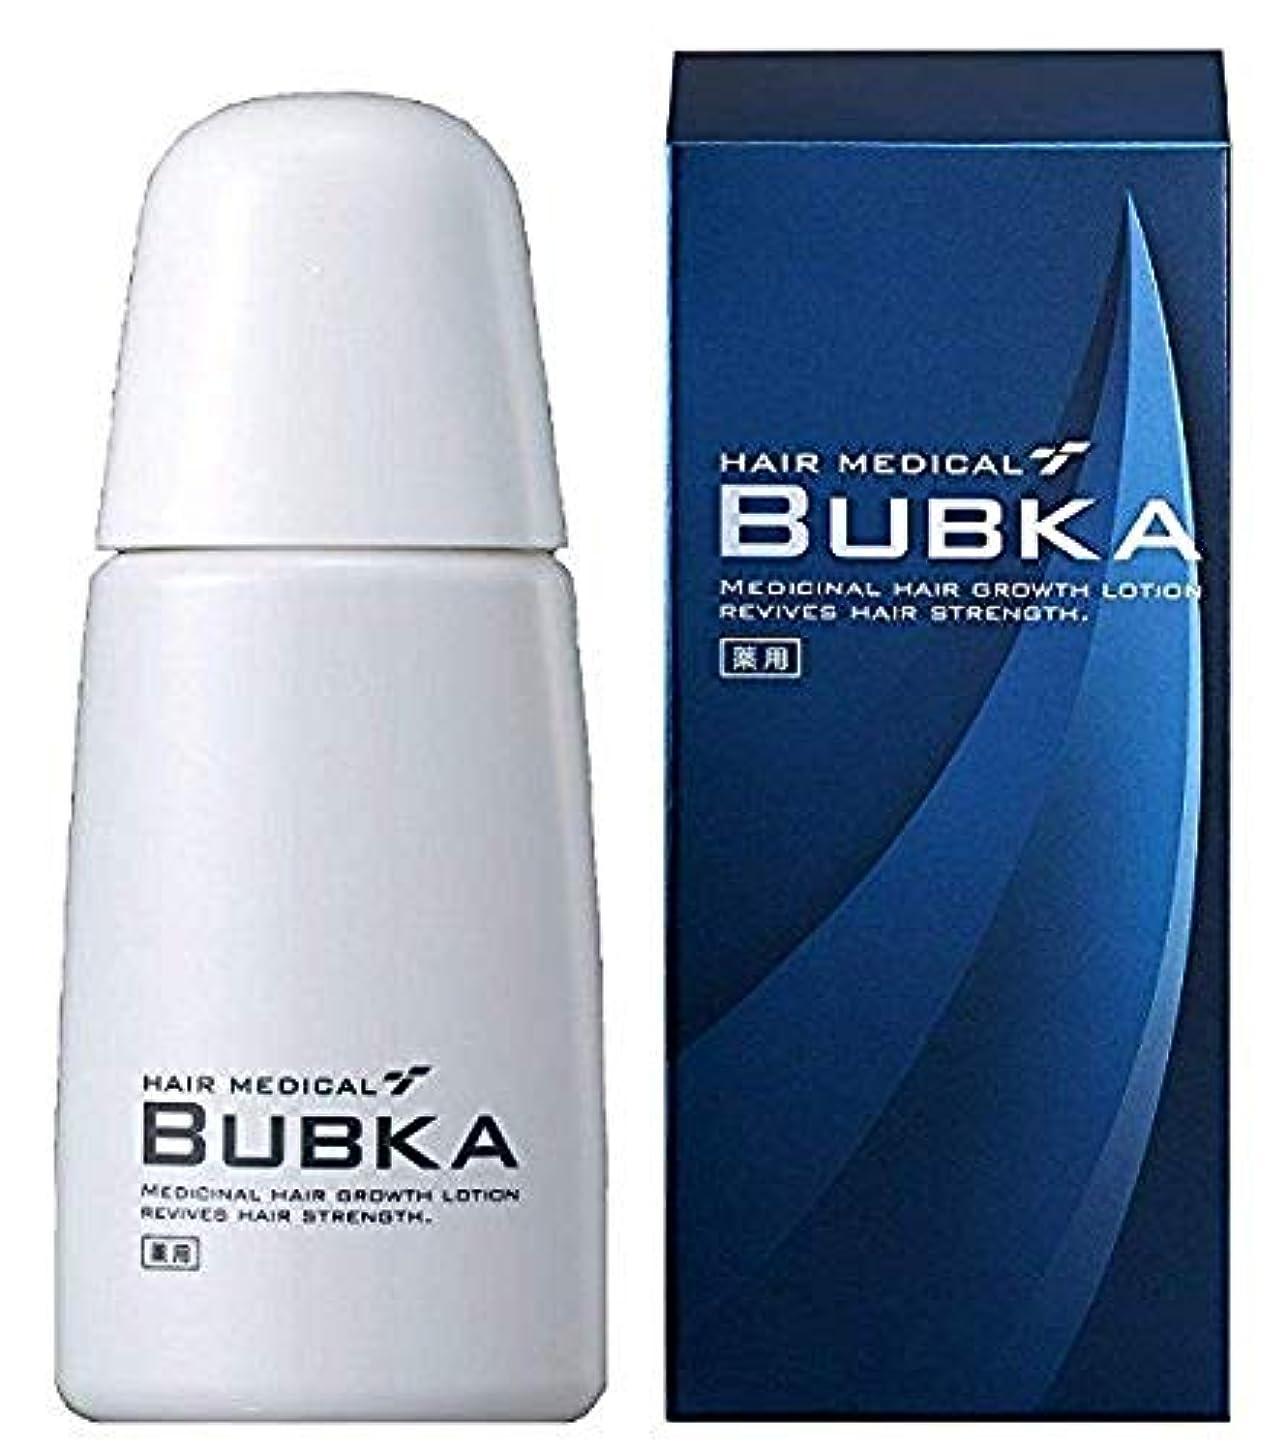 登るケント脚本家【BUBKA ブブカ 】新型 濃密育毛剤 ブブカ-003M (内容量:120ml 約1ヶ月分)(医薬部外品)